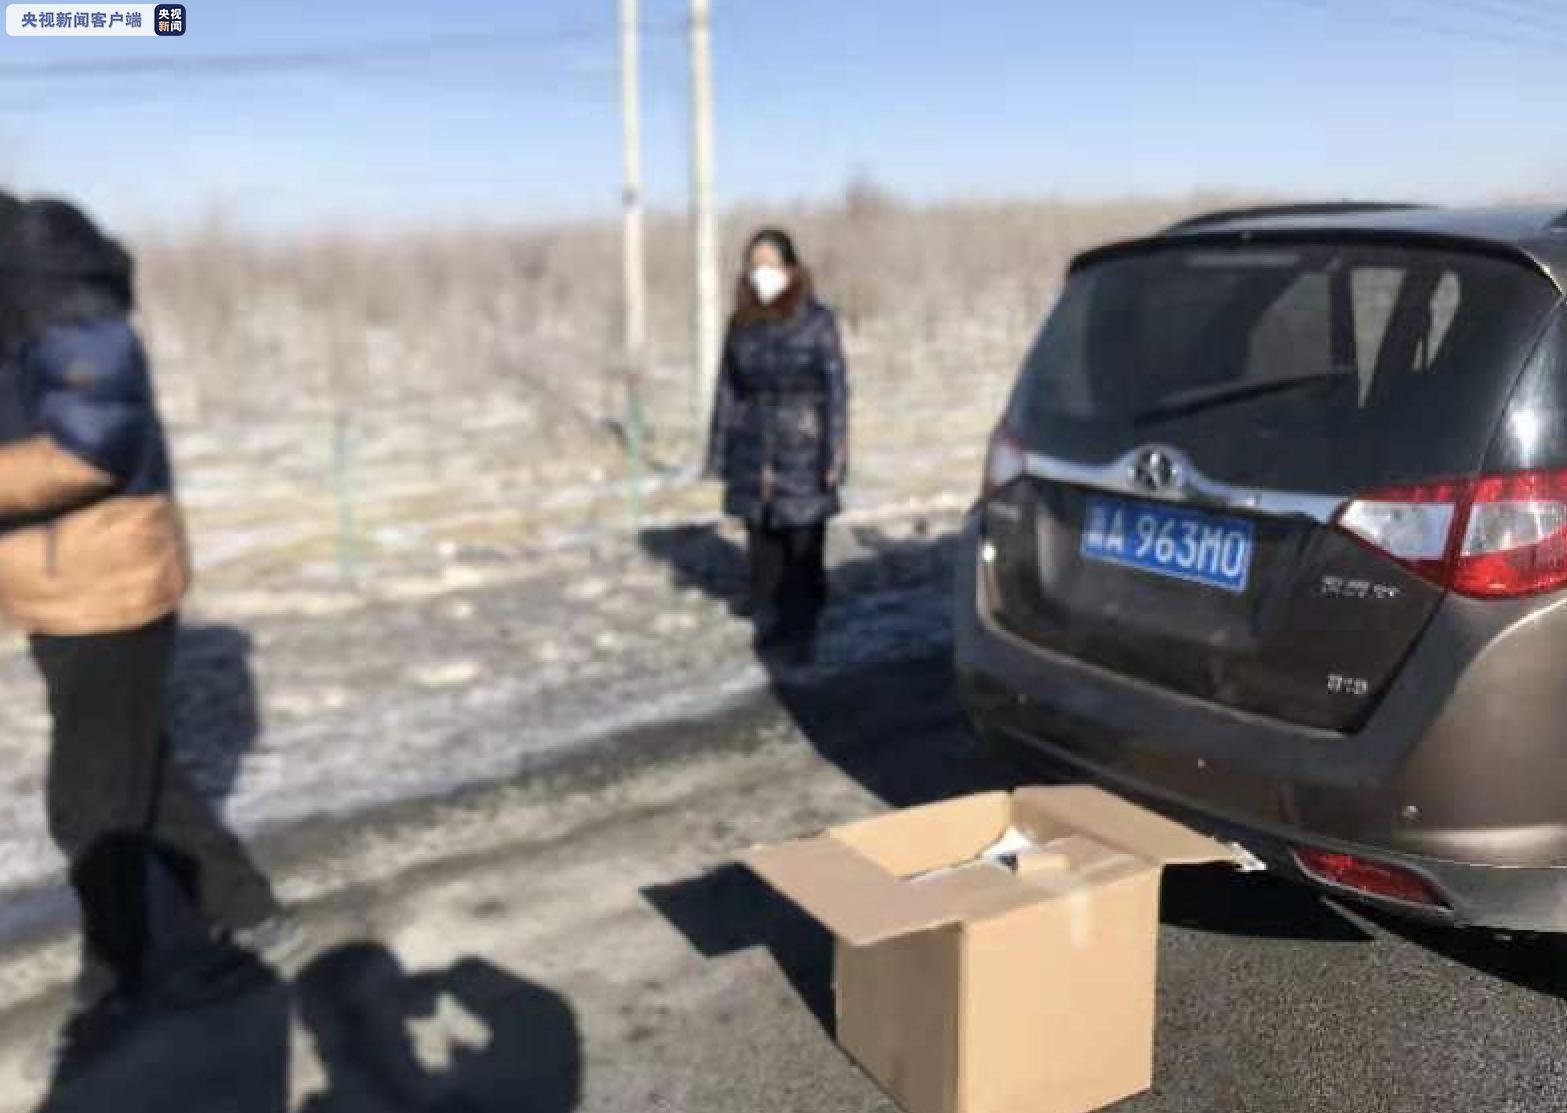 新疆交警查獲一起倒賣假冒偽劣防護物資案件